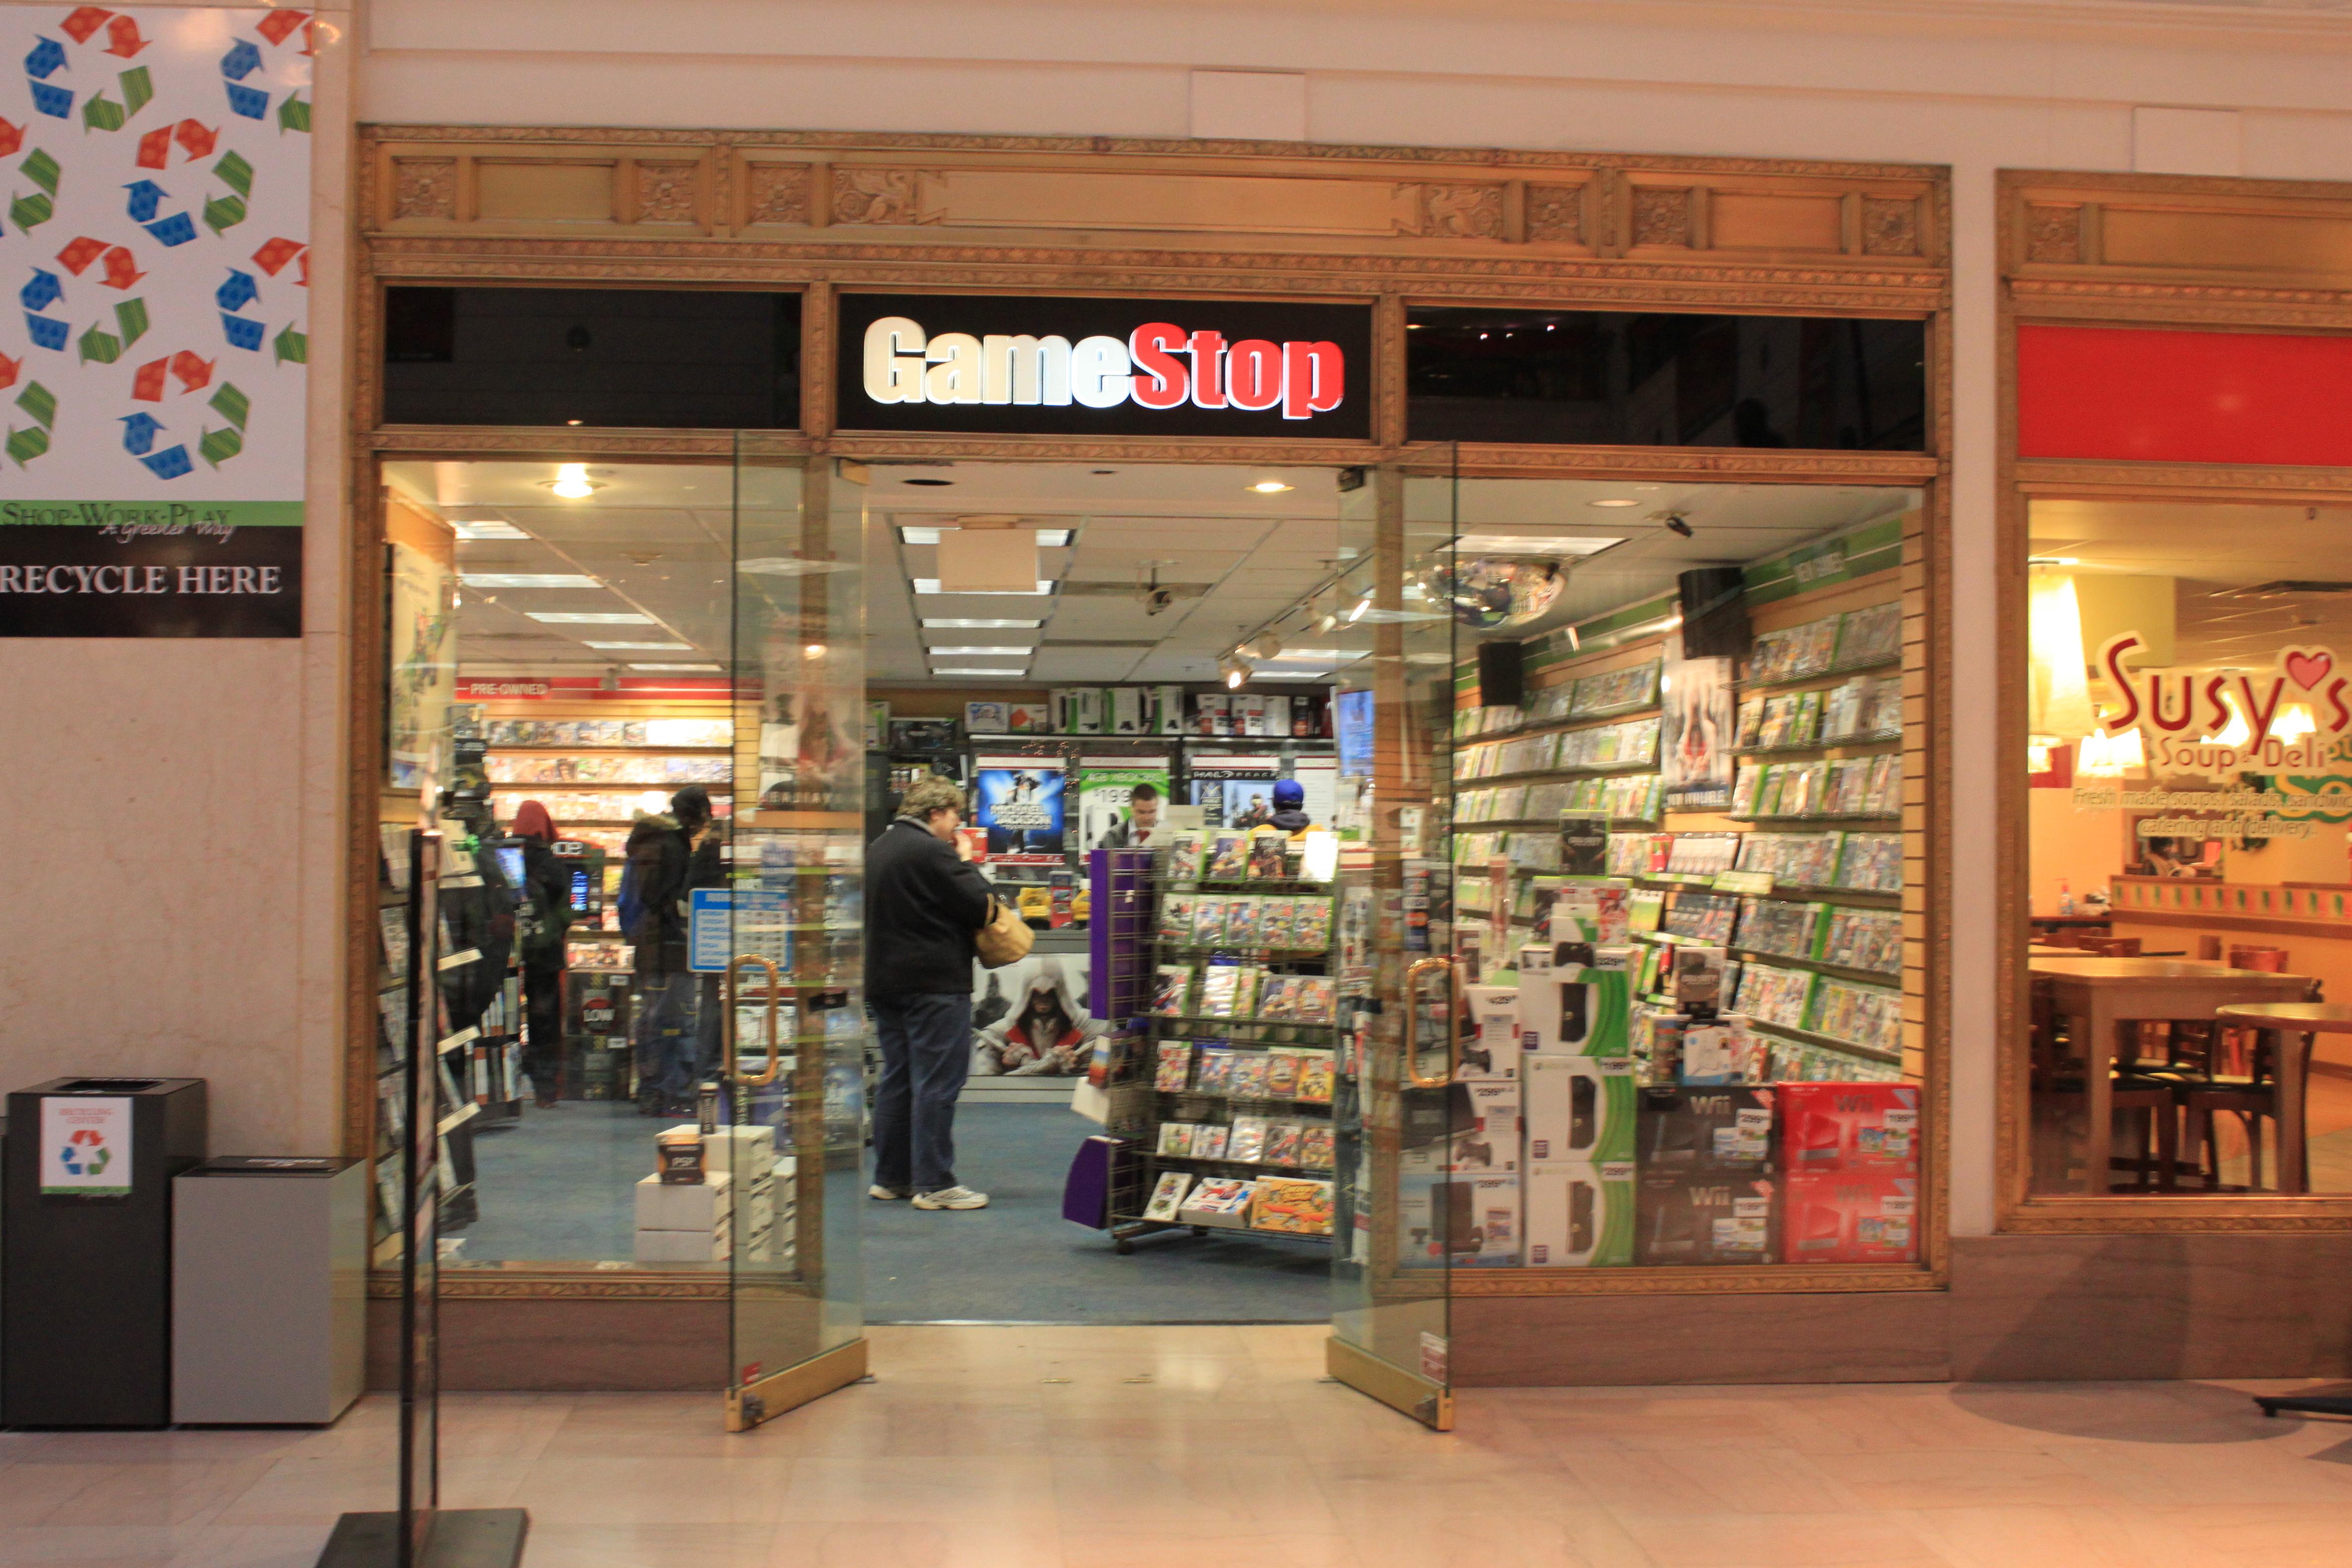 Market slams GameStop after retailer misses Q3 earnings ...  Market slams Ga...